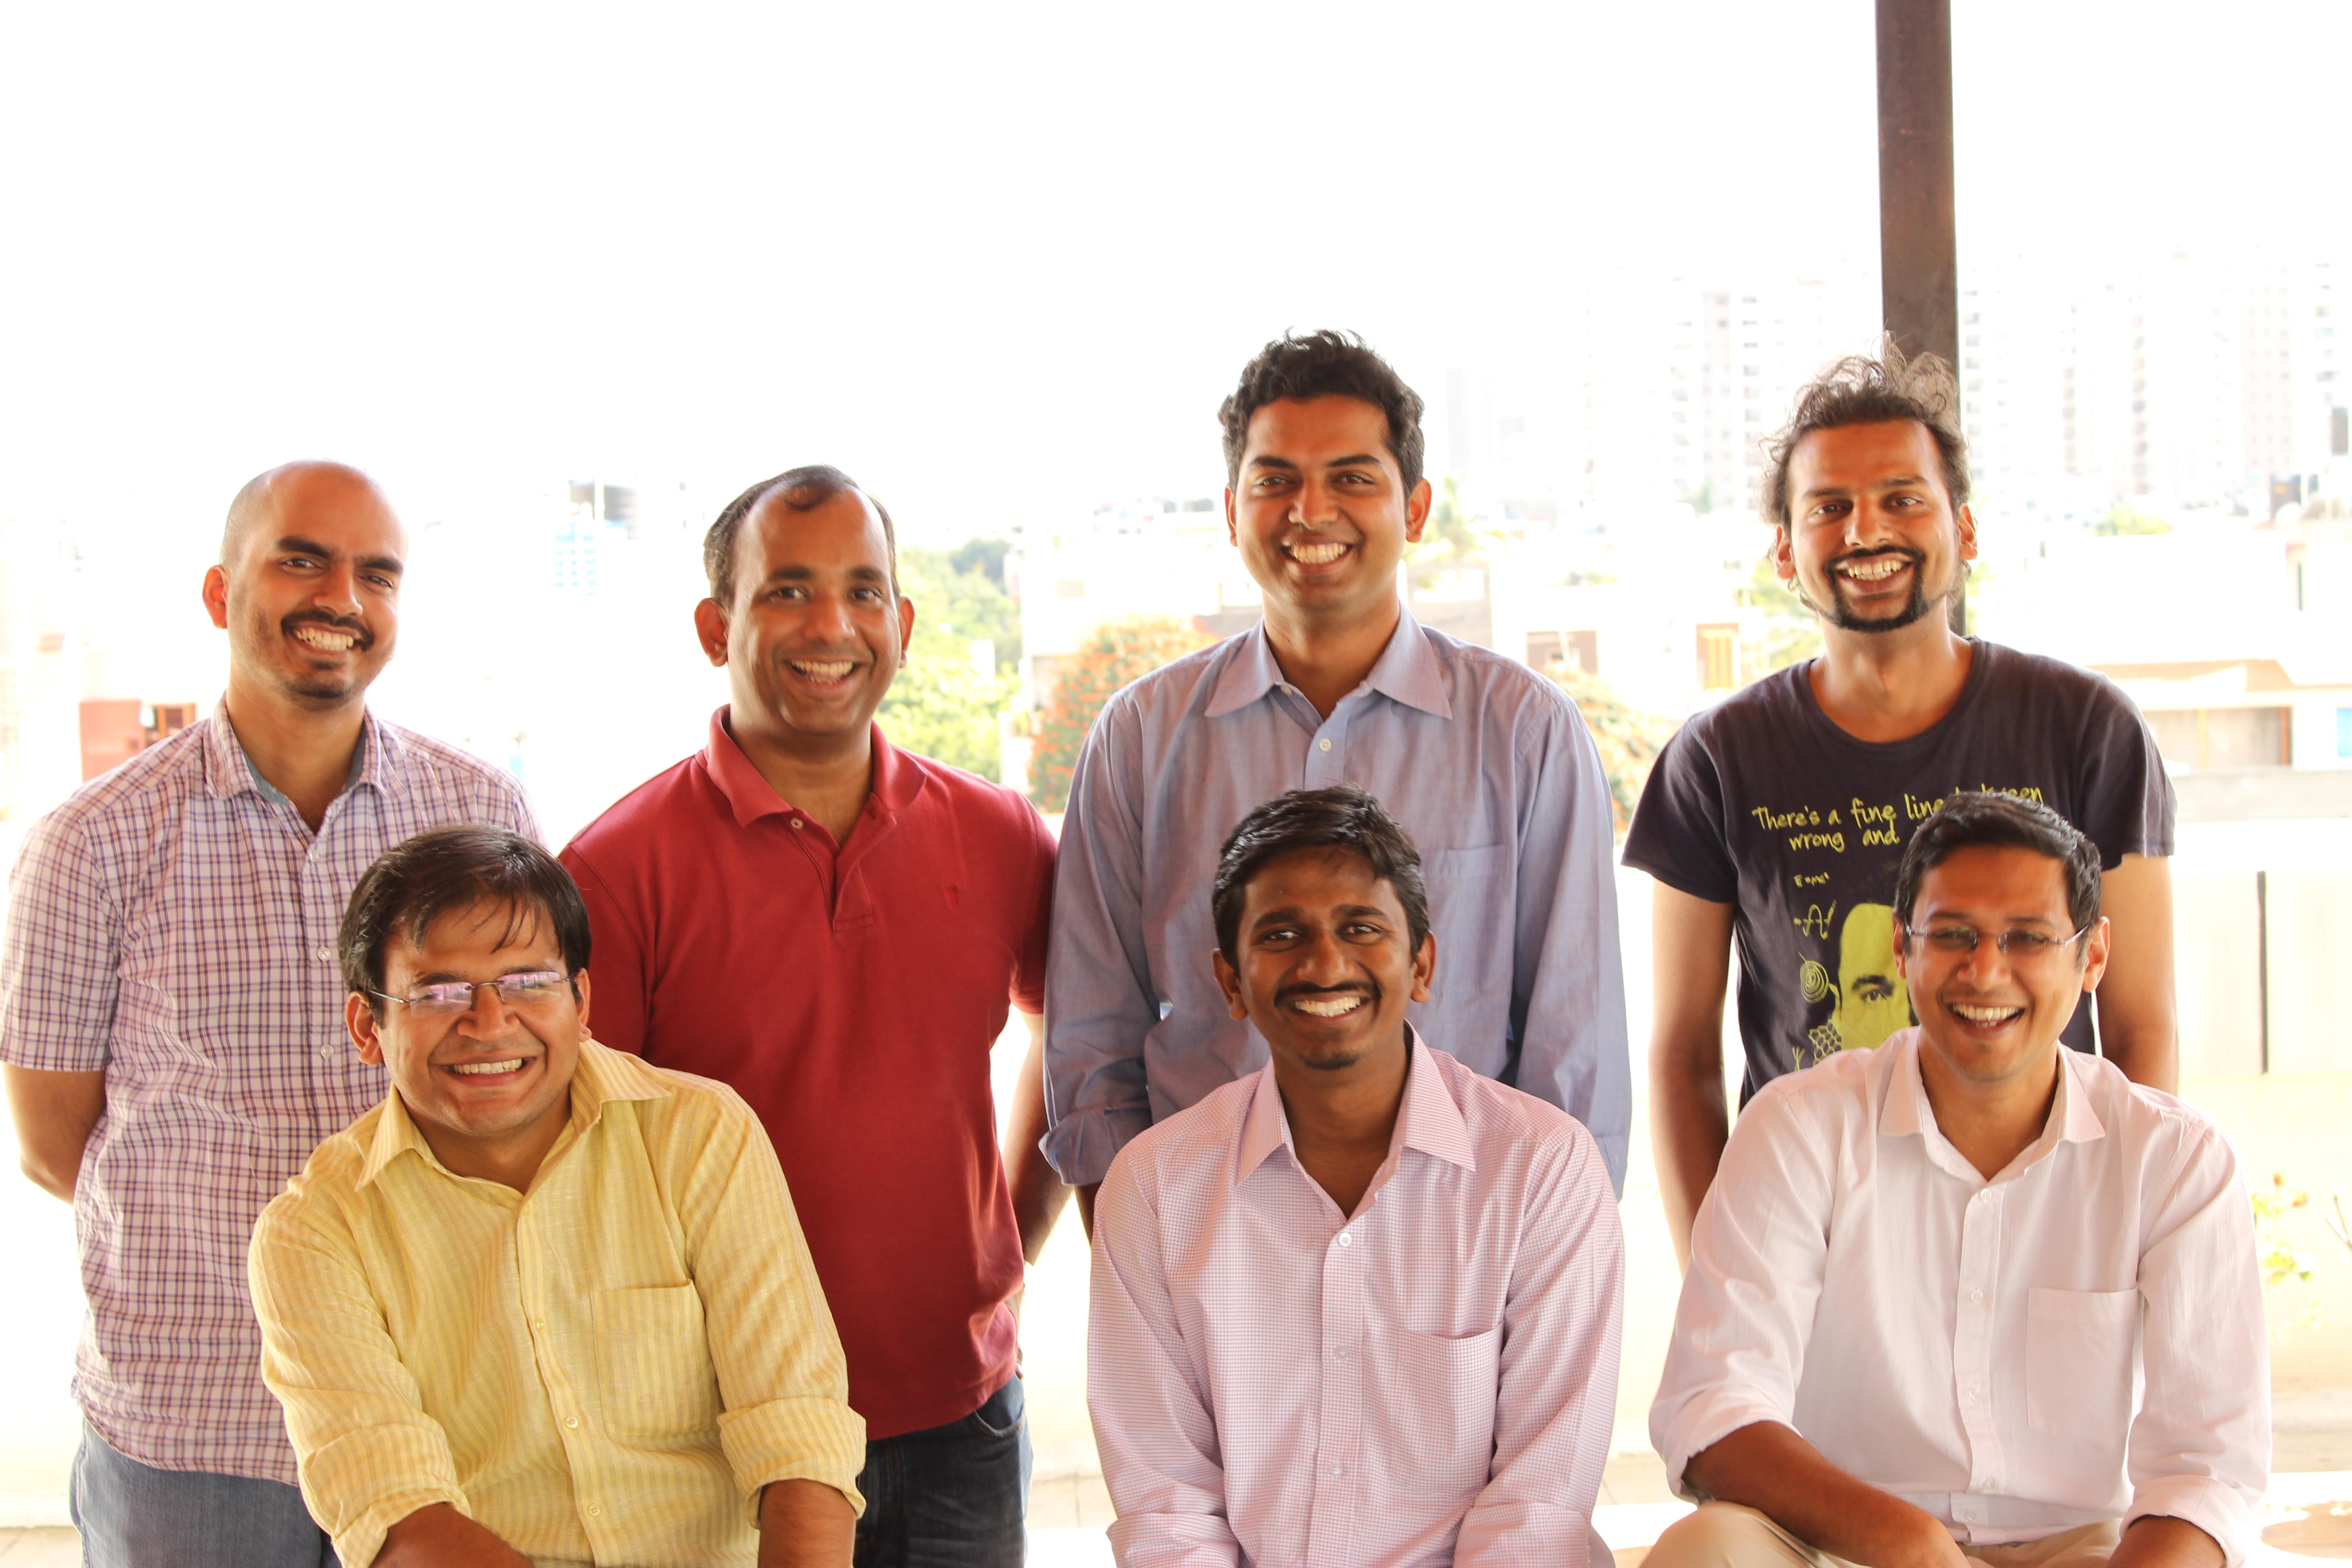 Goodbox's co-founders Charan Shetty, Abey Zachariah, Nithin Chandra, Mahesh Herle (top row, left to right); Mohit Maheshwari, Anand Kelaginamani, Mayank Bidawatka (bottom row, left ot right).